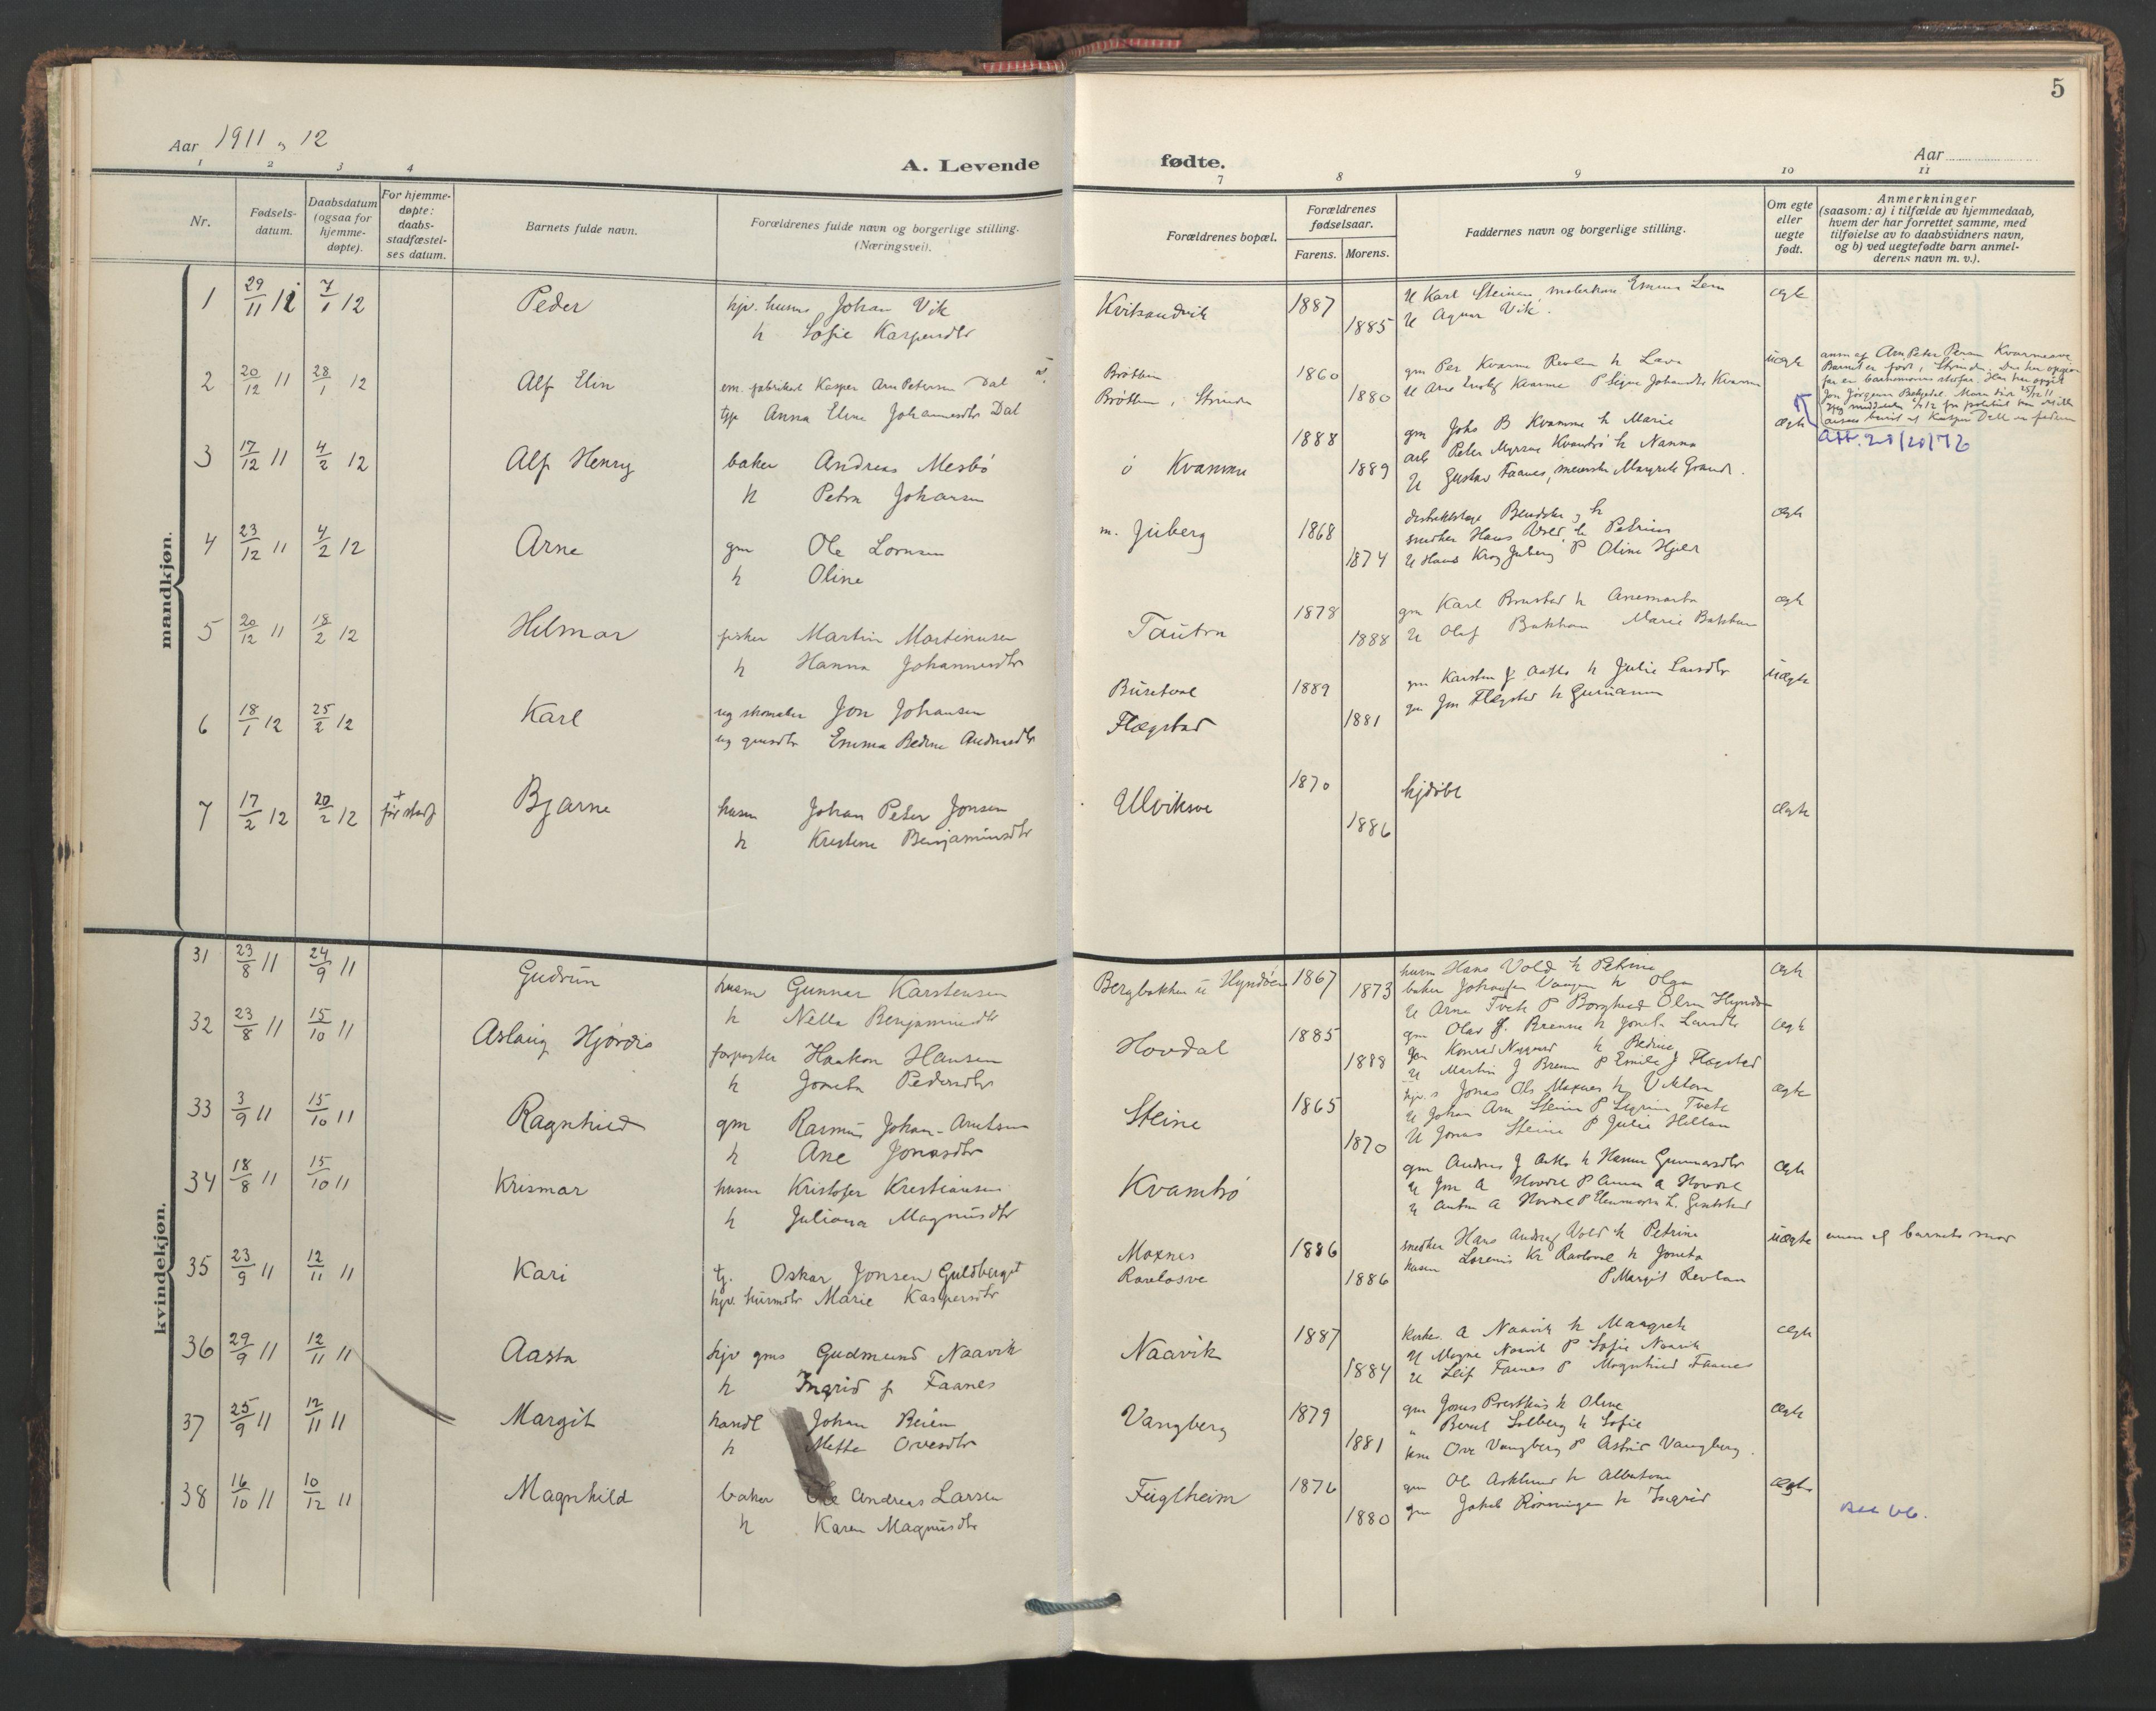 SAT, Ministerialprotokoller, klokkerbøker og fødselsregistre - Nord-Trøndelag, 713/L0123: Ministerialbok nr. 713A12, 1911-1925, s. 5